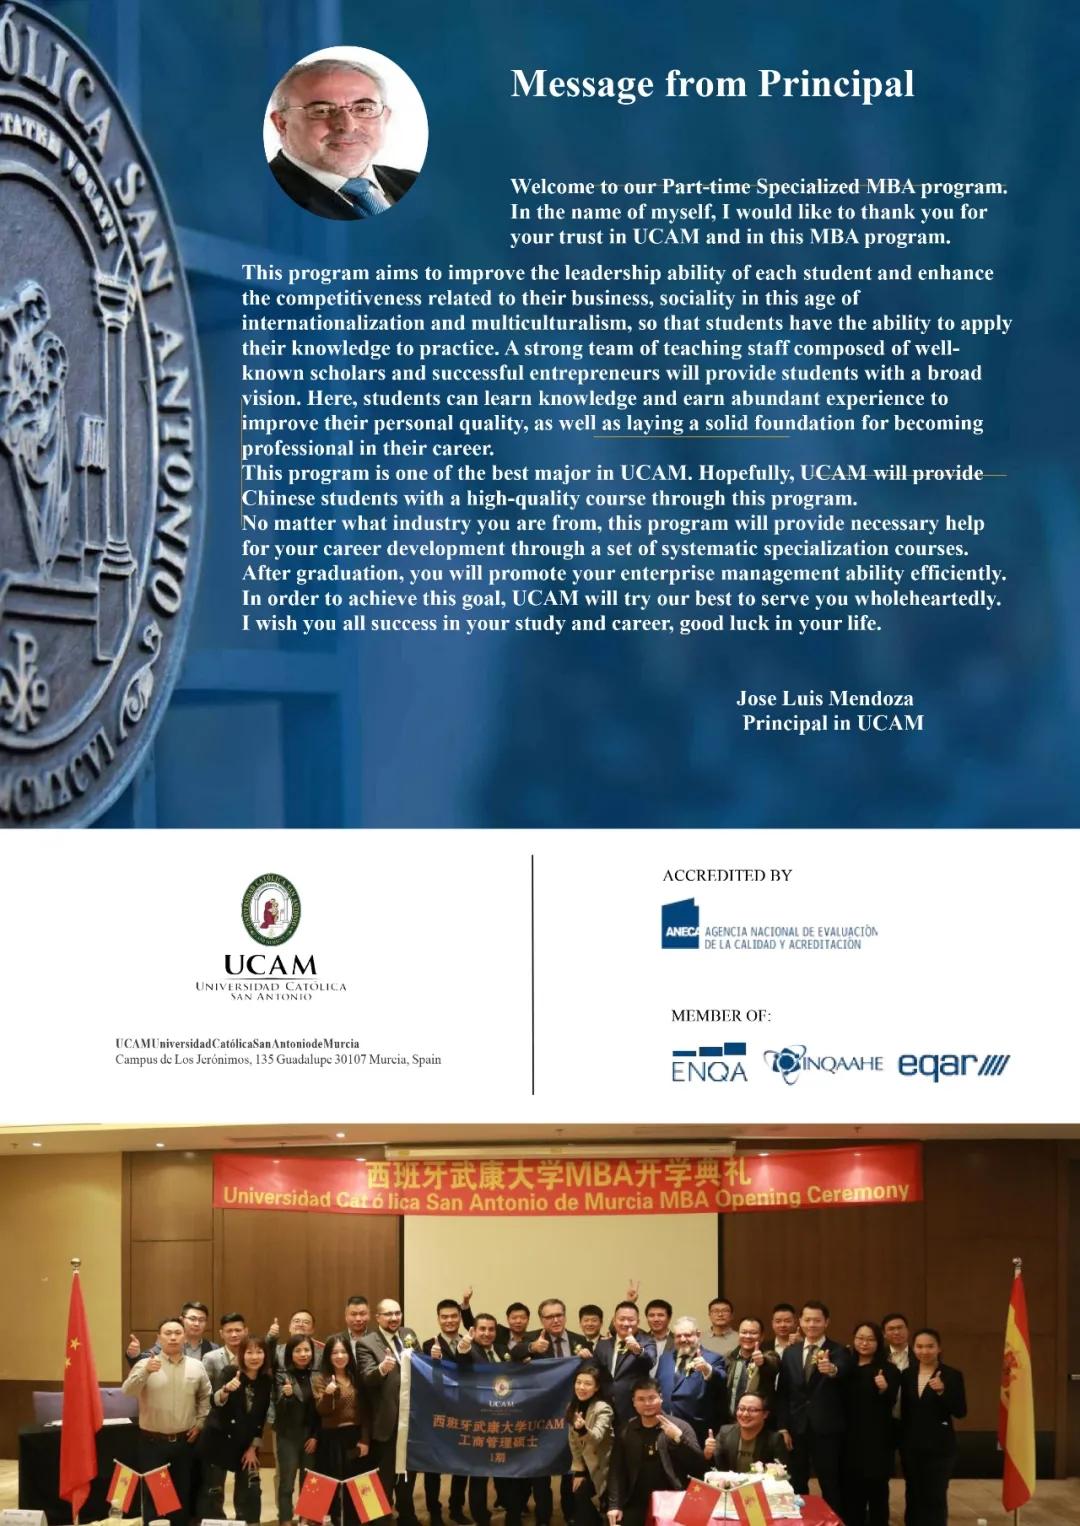 西班牙学位班 欧洲学位班 武康大学MBA 武康大学硕士班